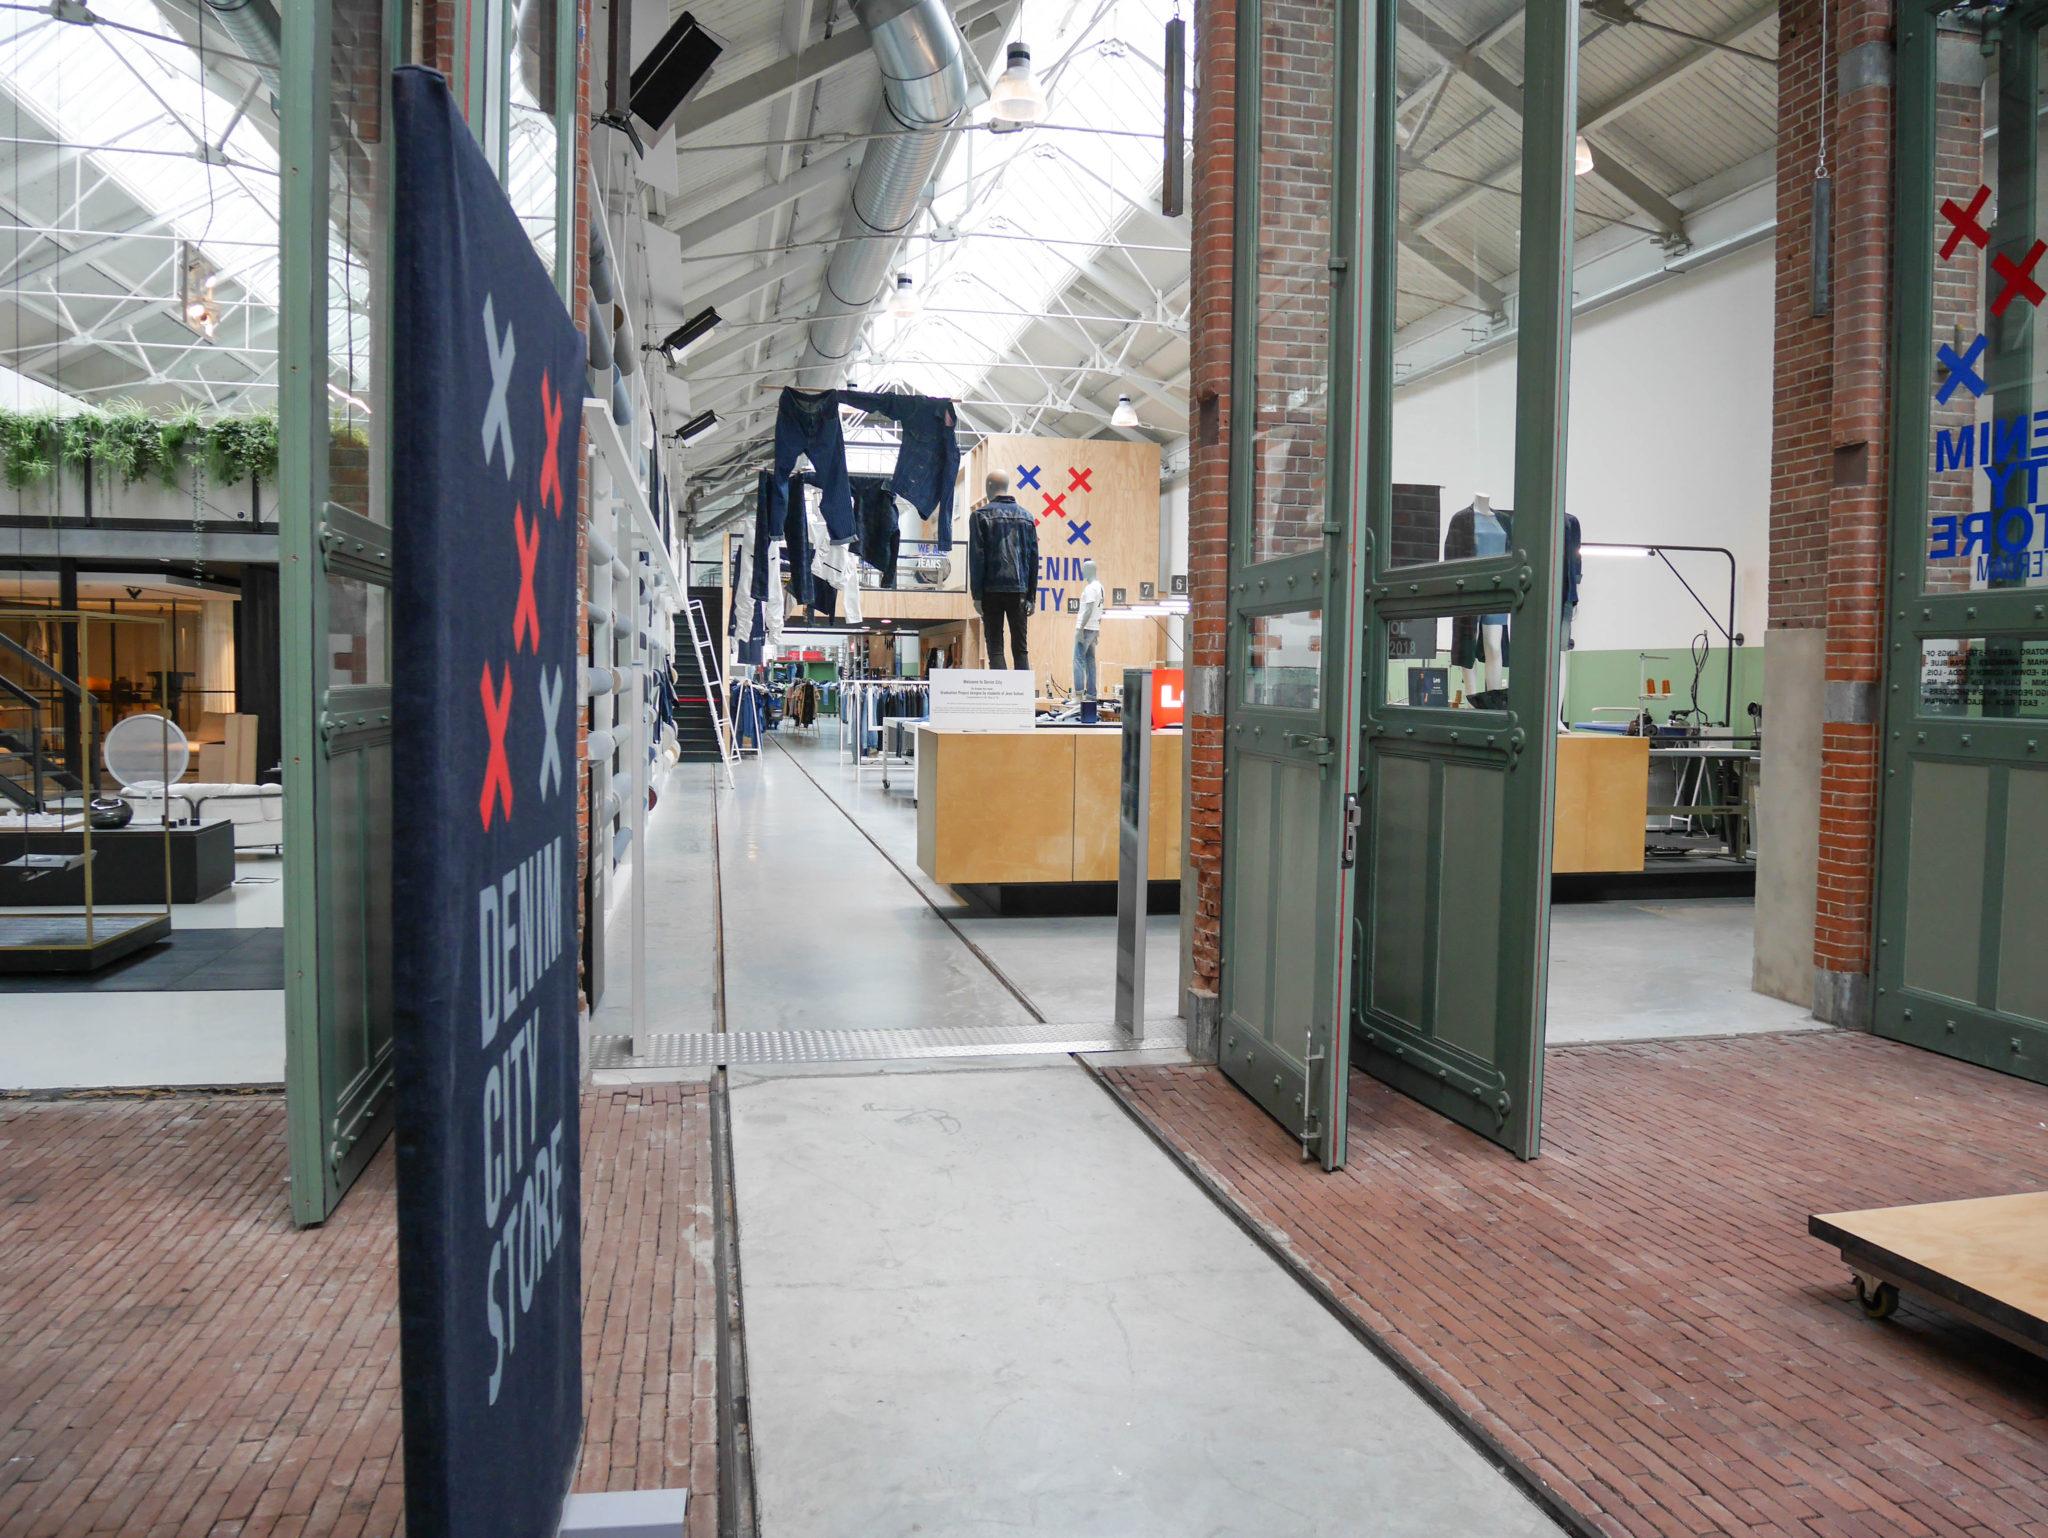 la-petite-planete-de-zoey-amsterdam-60